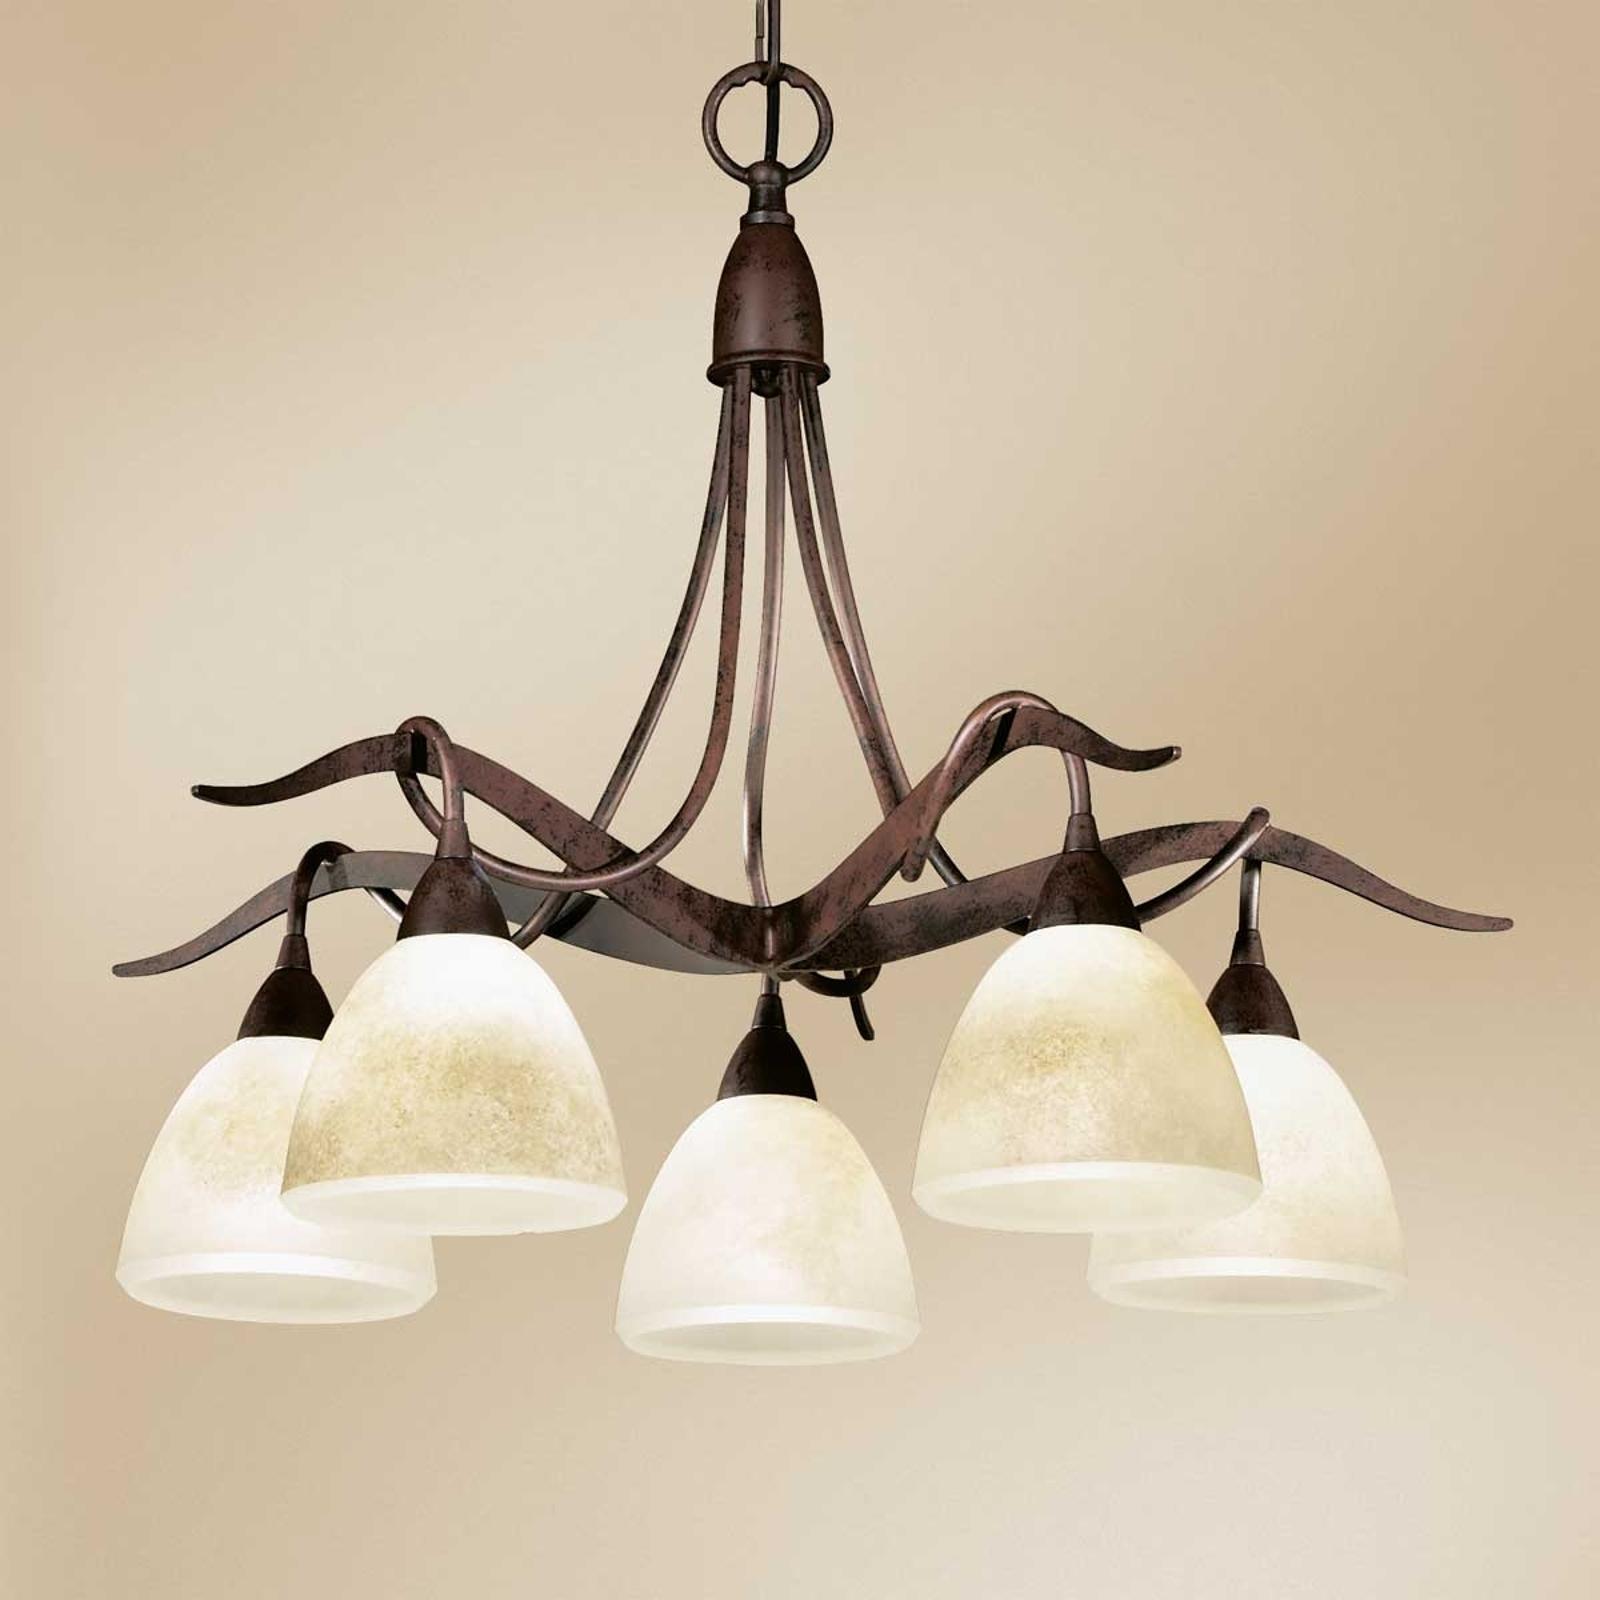 Landhuis-hanglamp Samuele, 5-lamps, scavo